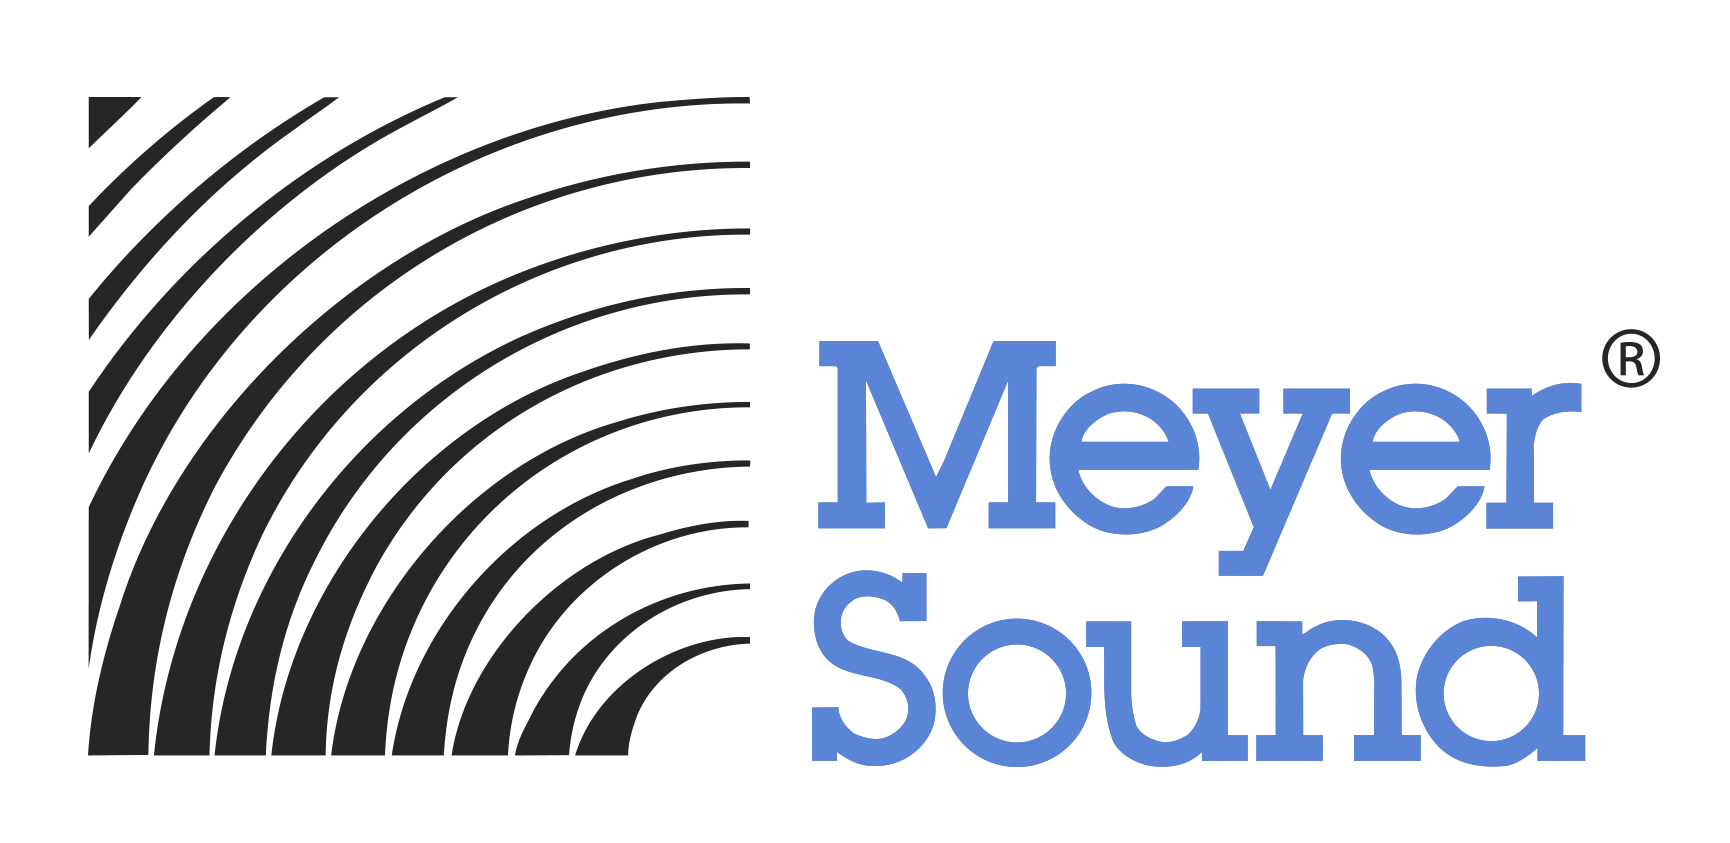 m-noise-ein-neues-testsignal